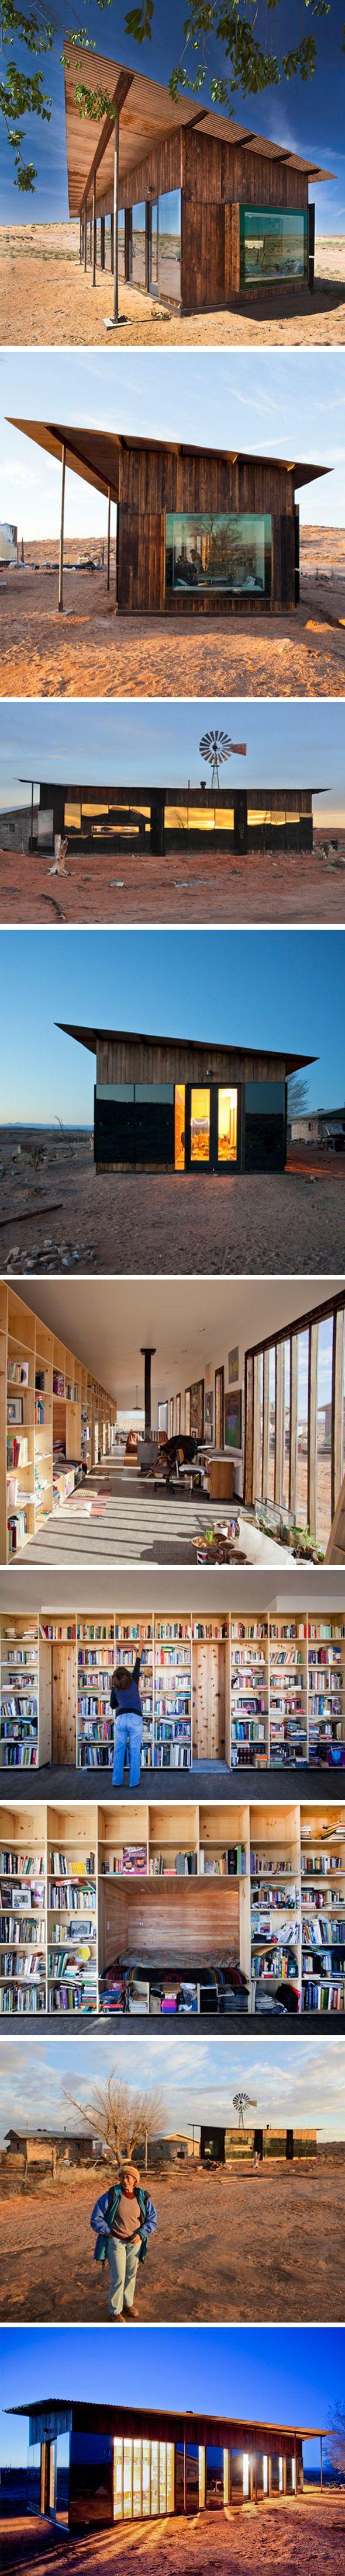 Nakai House 2, desert, Utah #architecture #house #desert #Utah #US